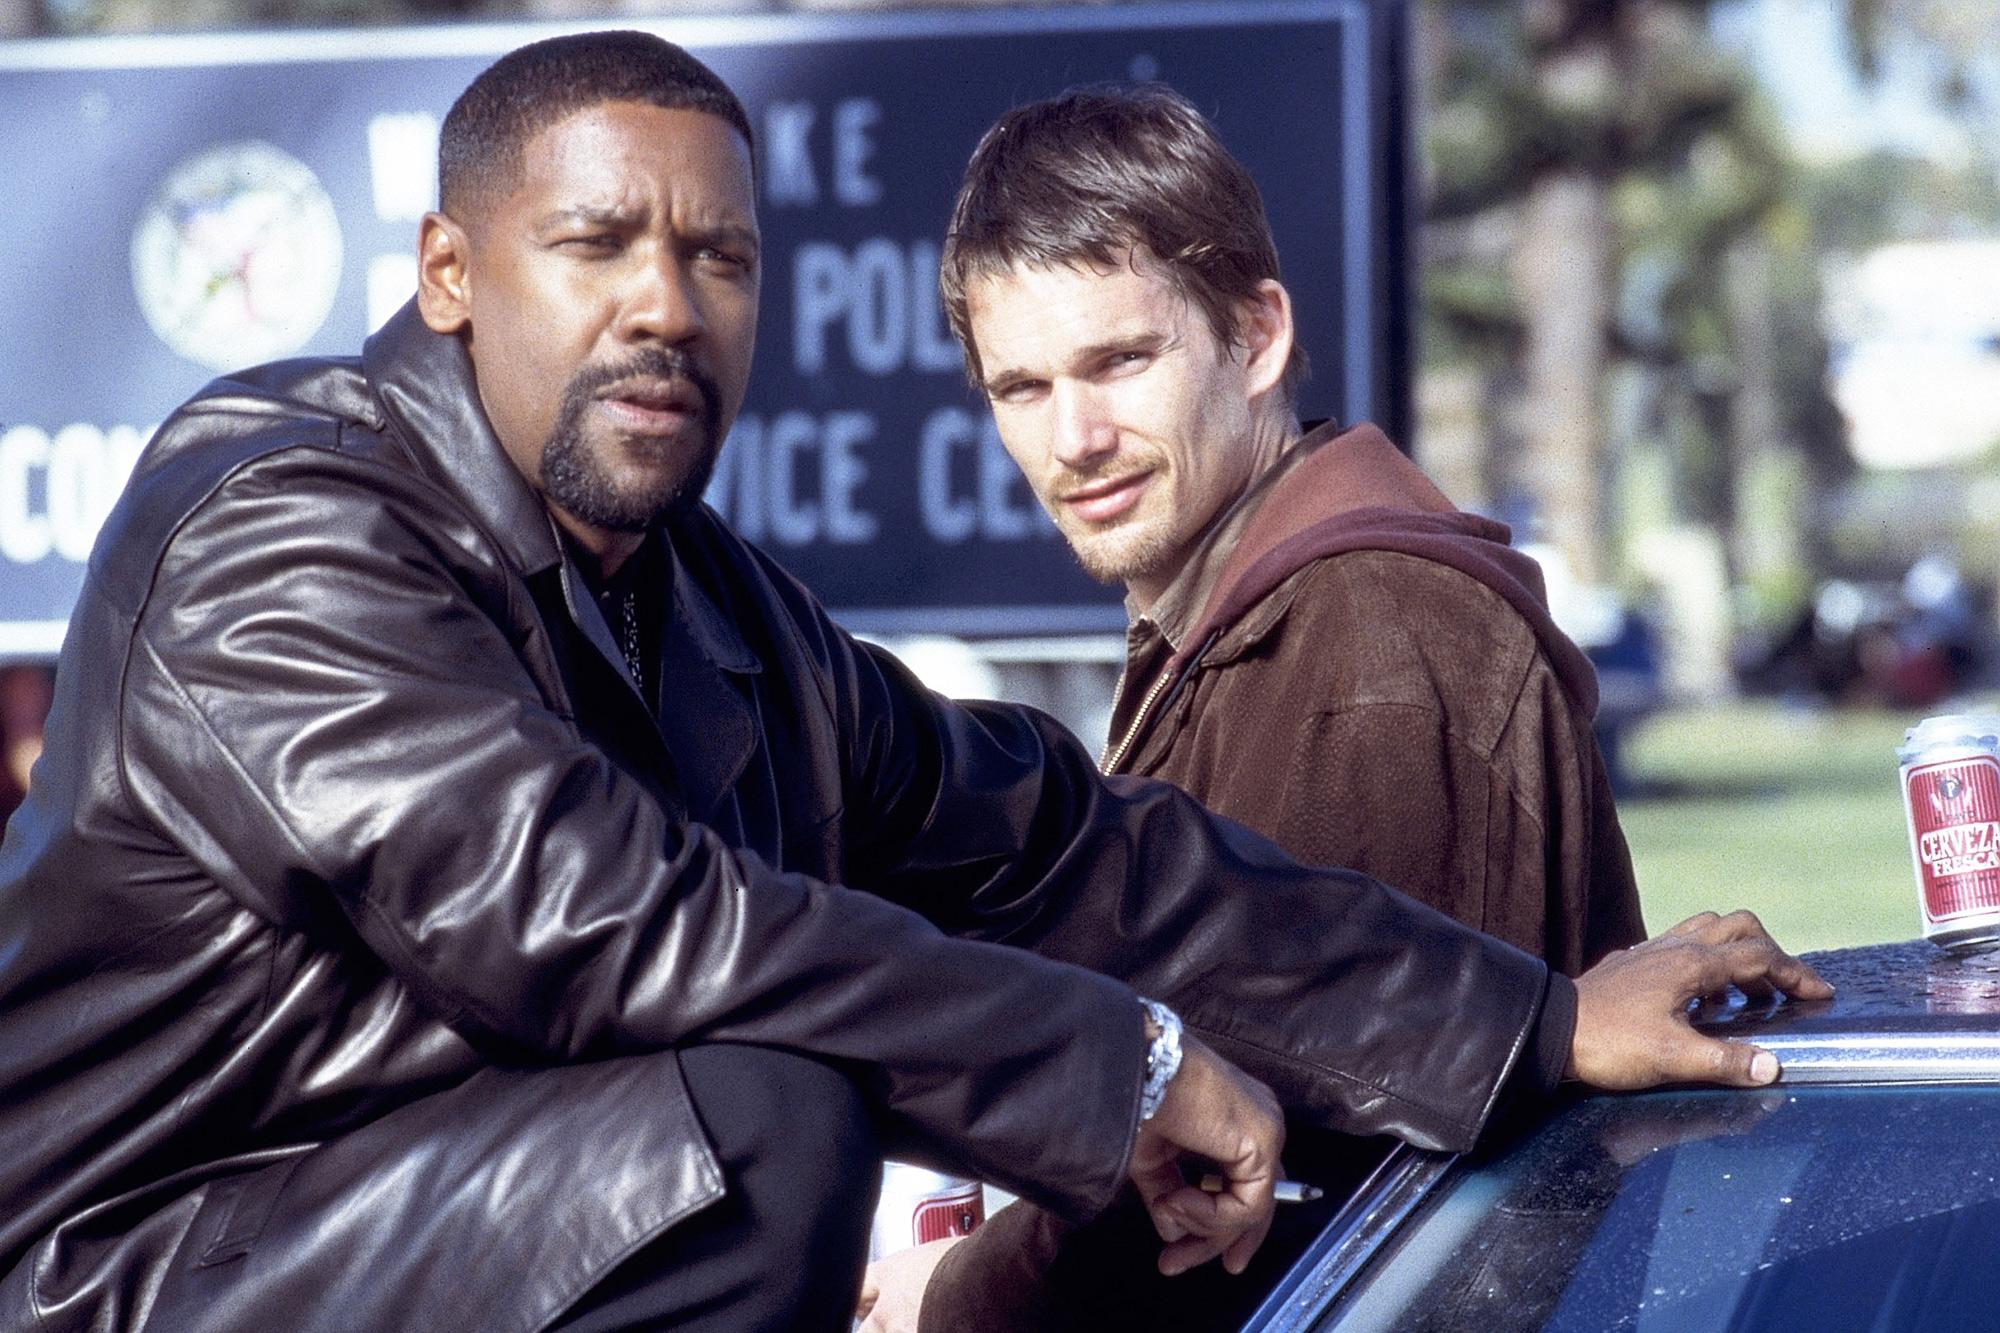 Denzel Washington and Ethan Hawke in Training Day 2001